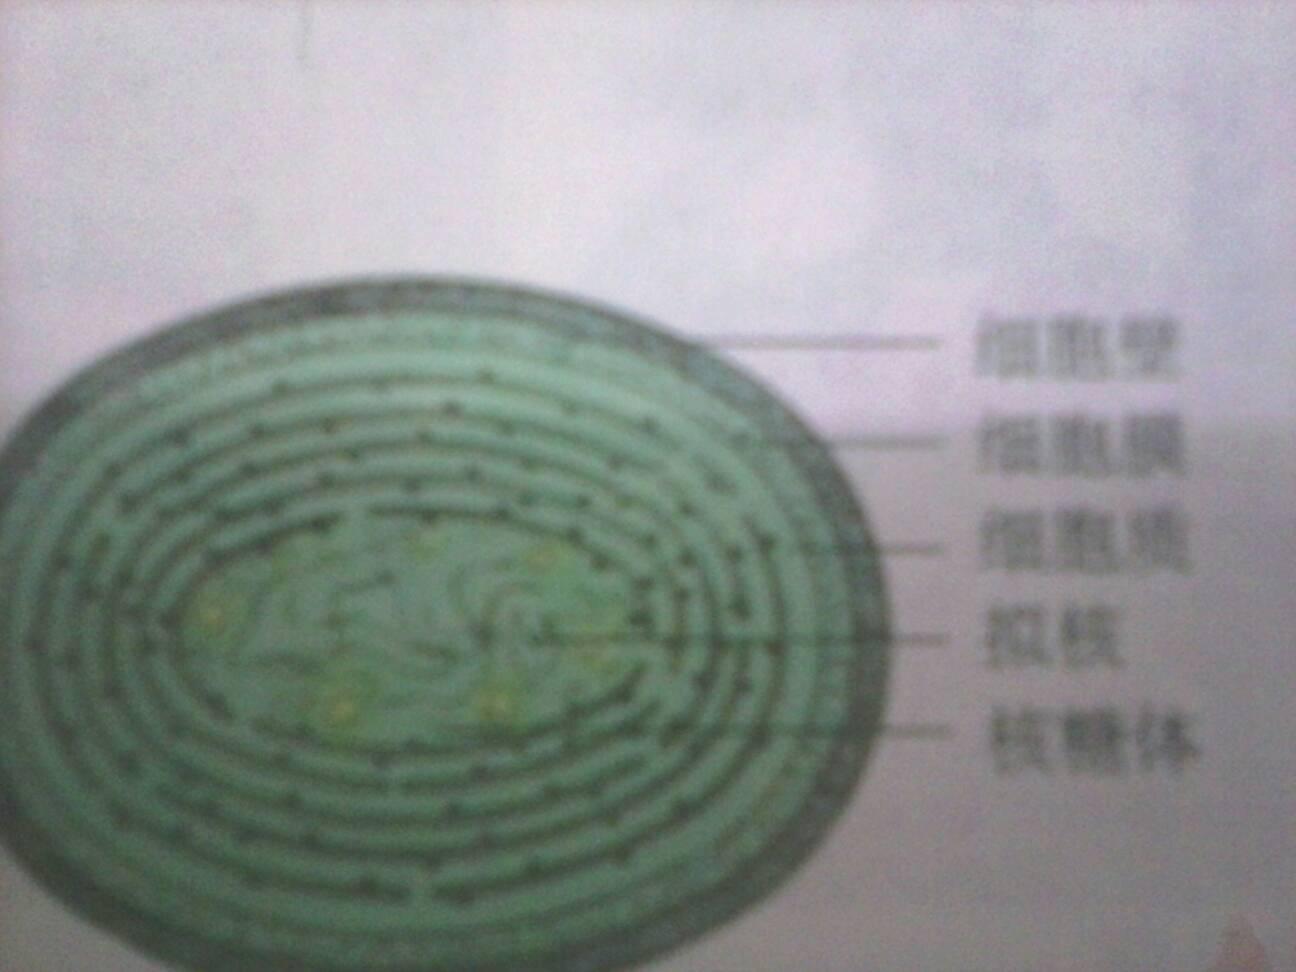 求原核细胞,动物细胞和植物细胞的图,要带结构名称带结构名称,在线等